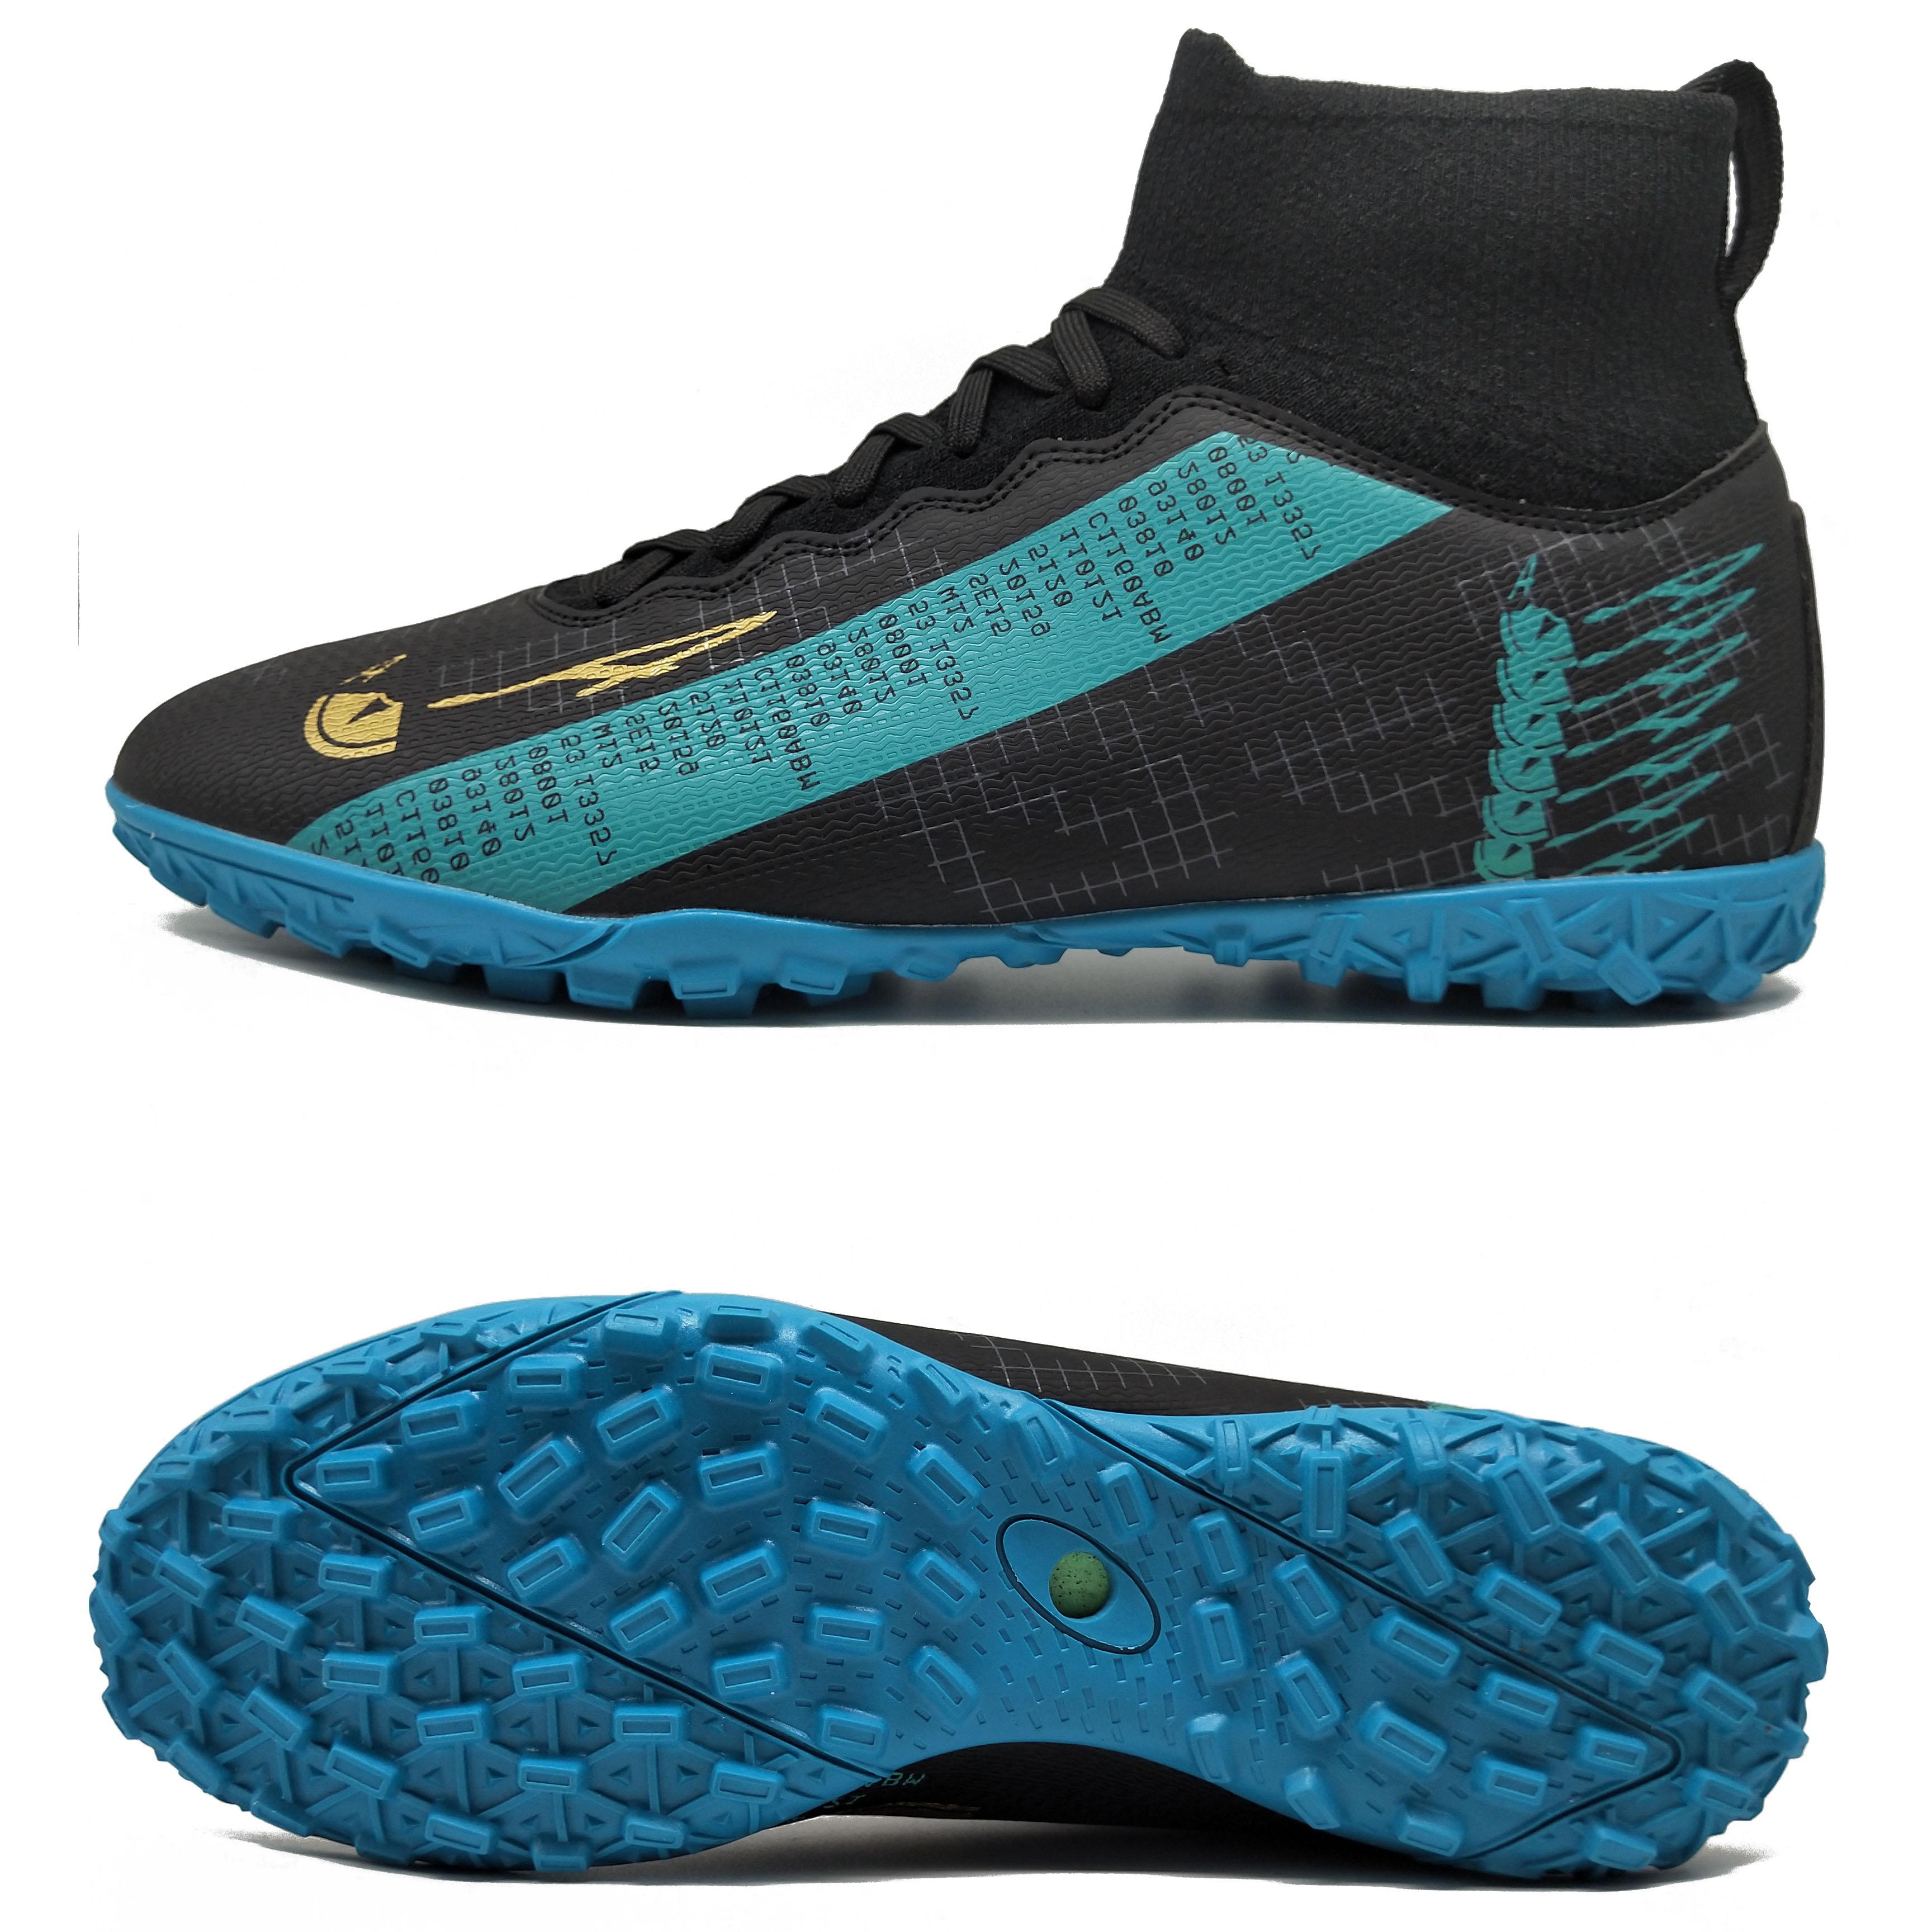 high cut men soccer cleats boots shoes wholesale